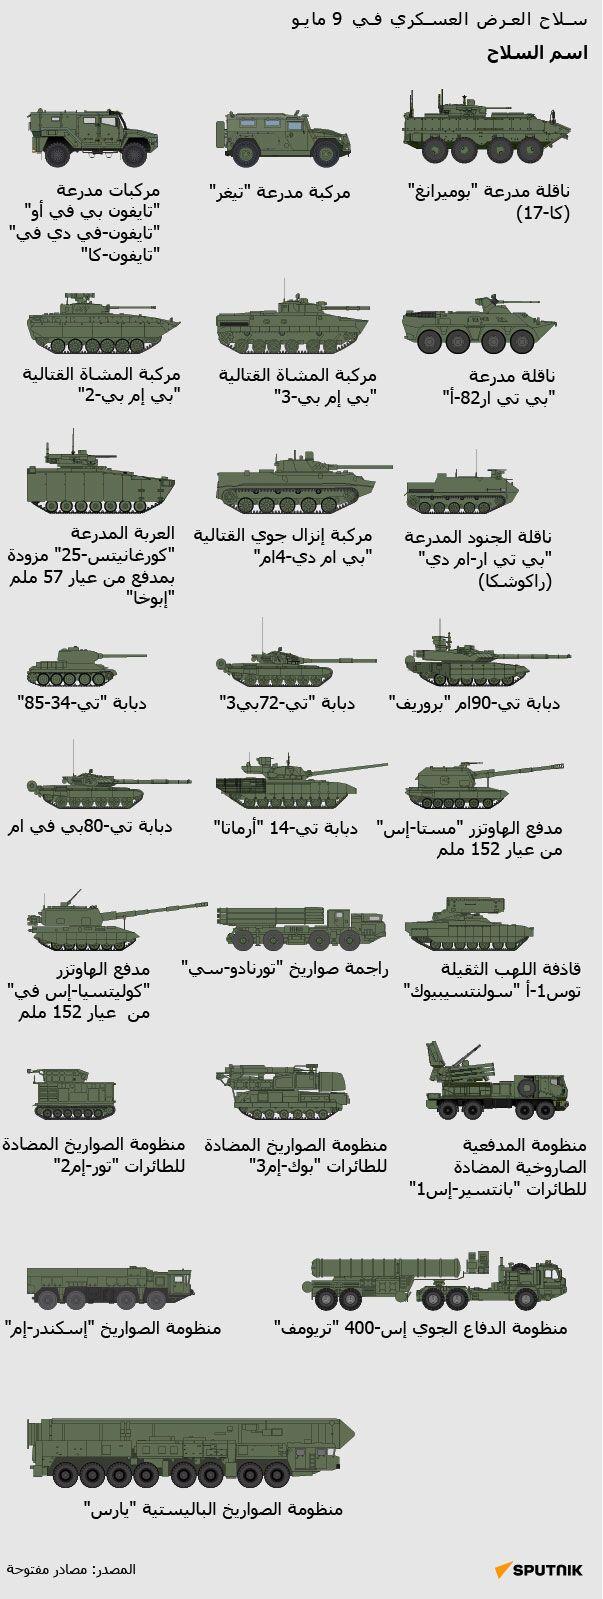 سلاح العرض العسكري بمناسبة عيد النصر في 9 مايو